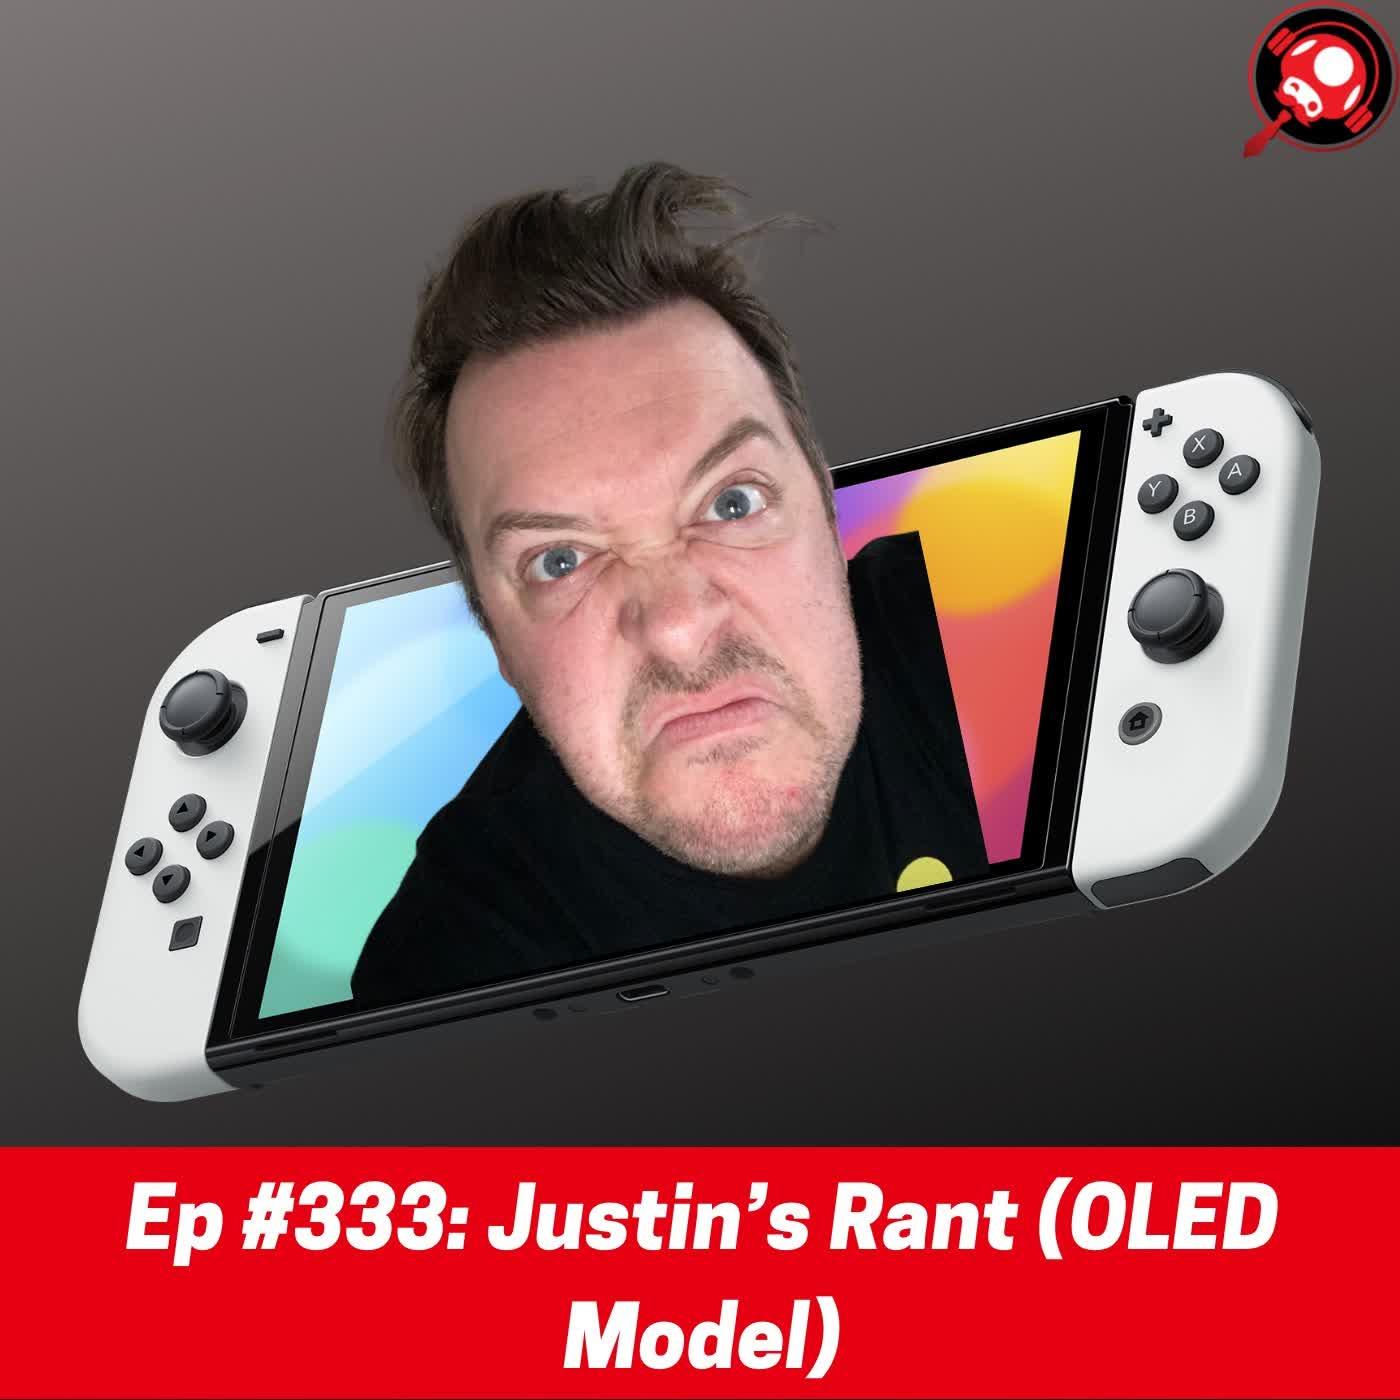 #333: Justin's Rant (OLED Model)